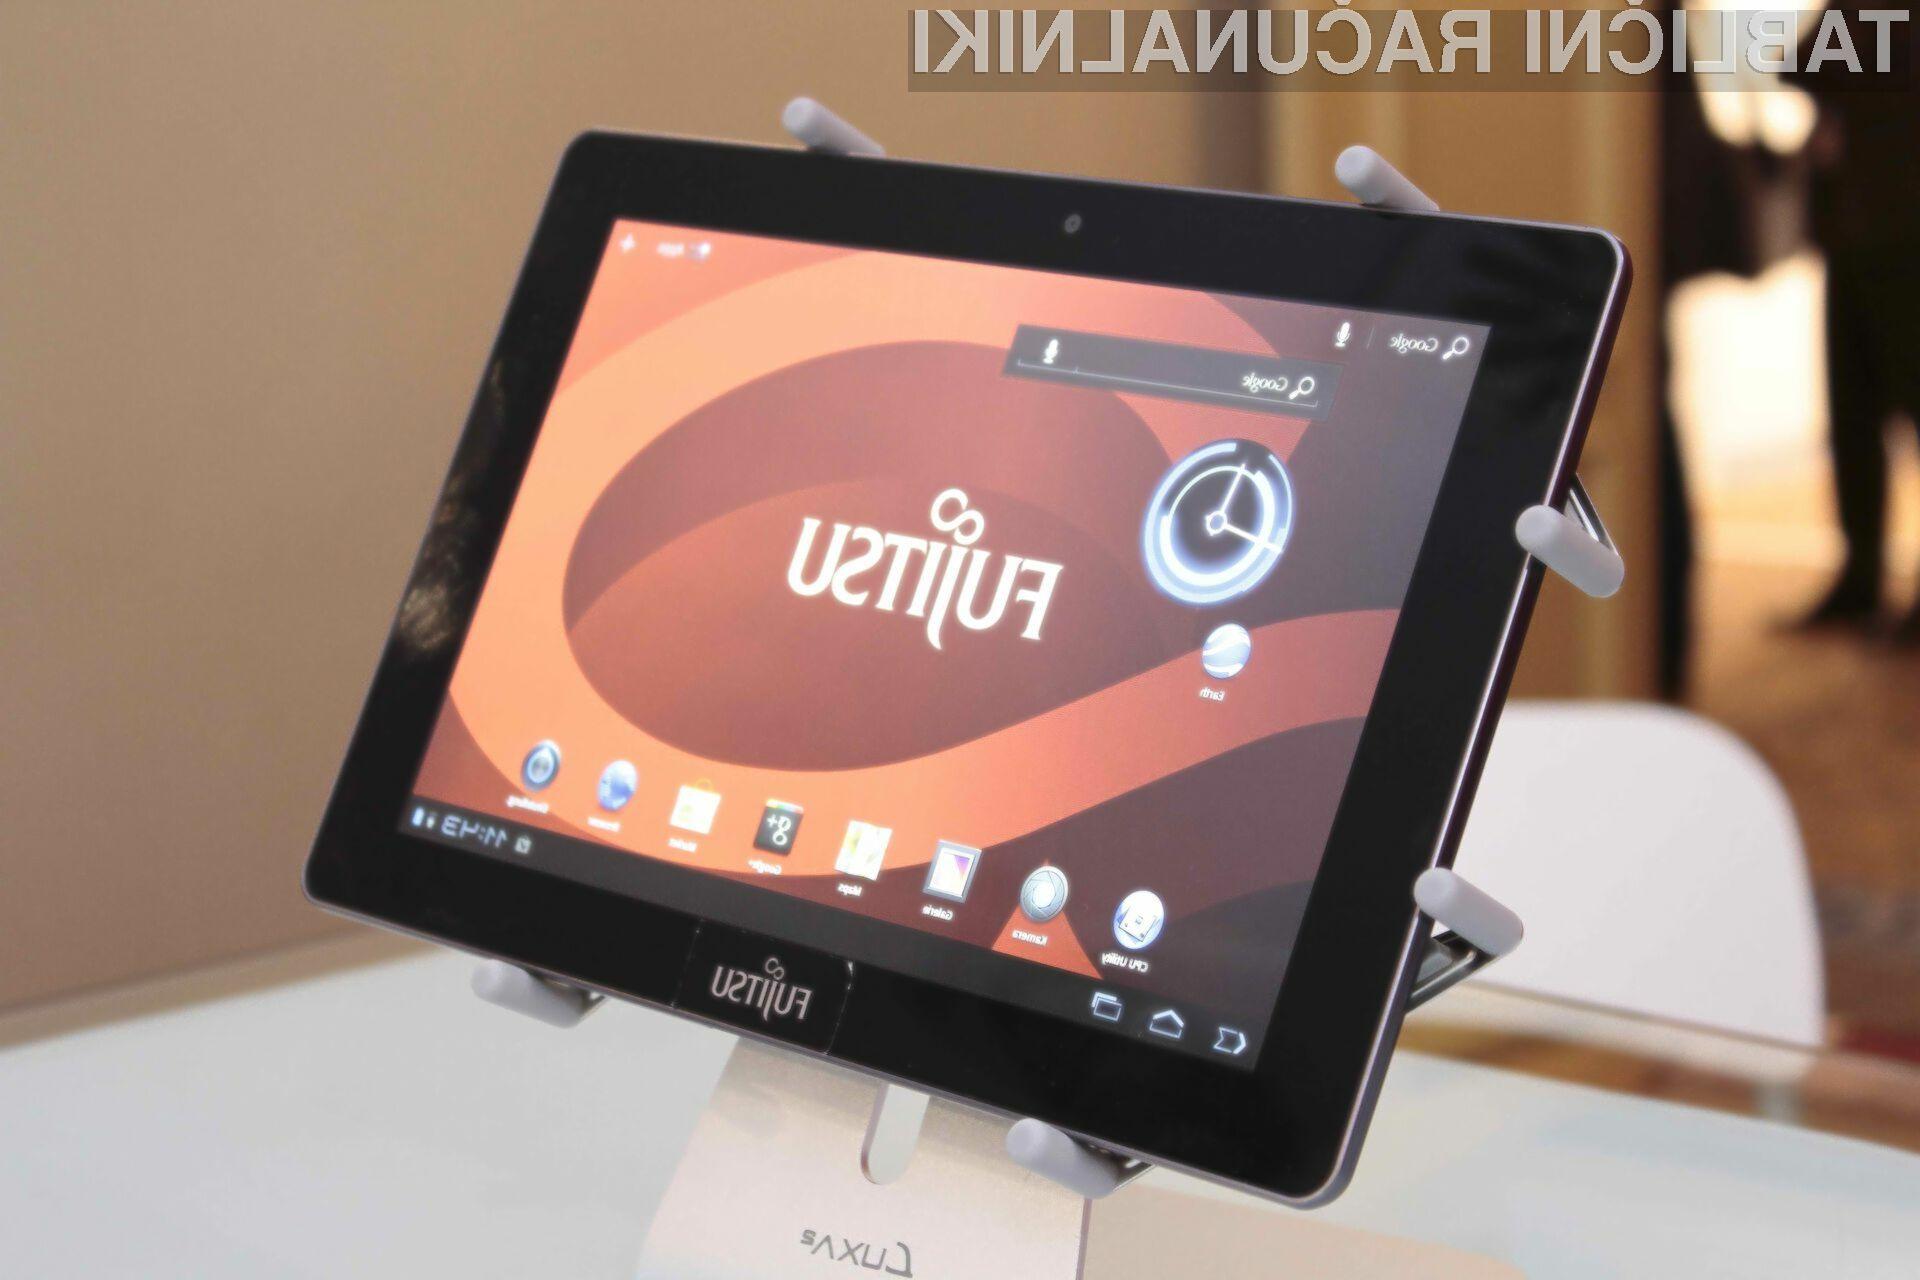 Fujitsu Stylistic M532 se ponaša z velikim  10,1 palčnim zaslonom in deluje na Nvidijini platformi Tegra 3.